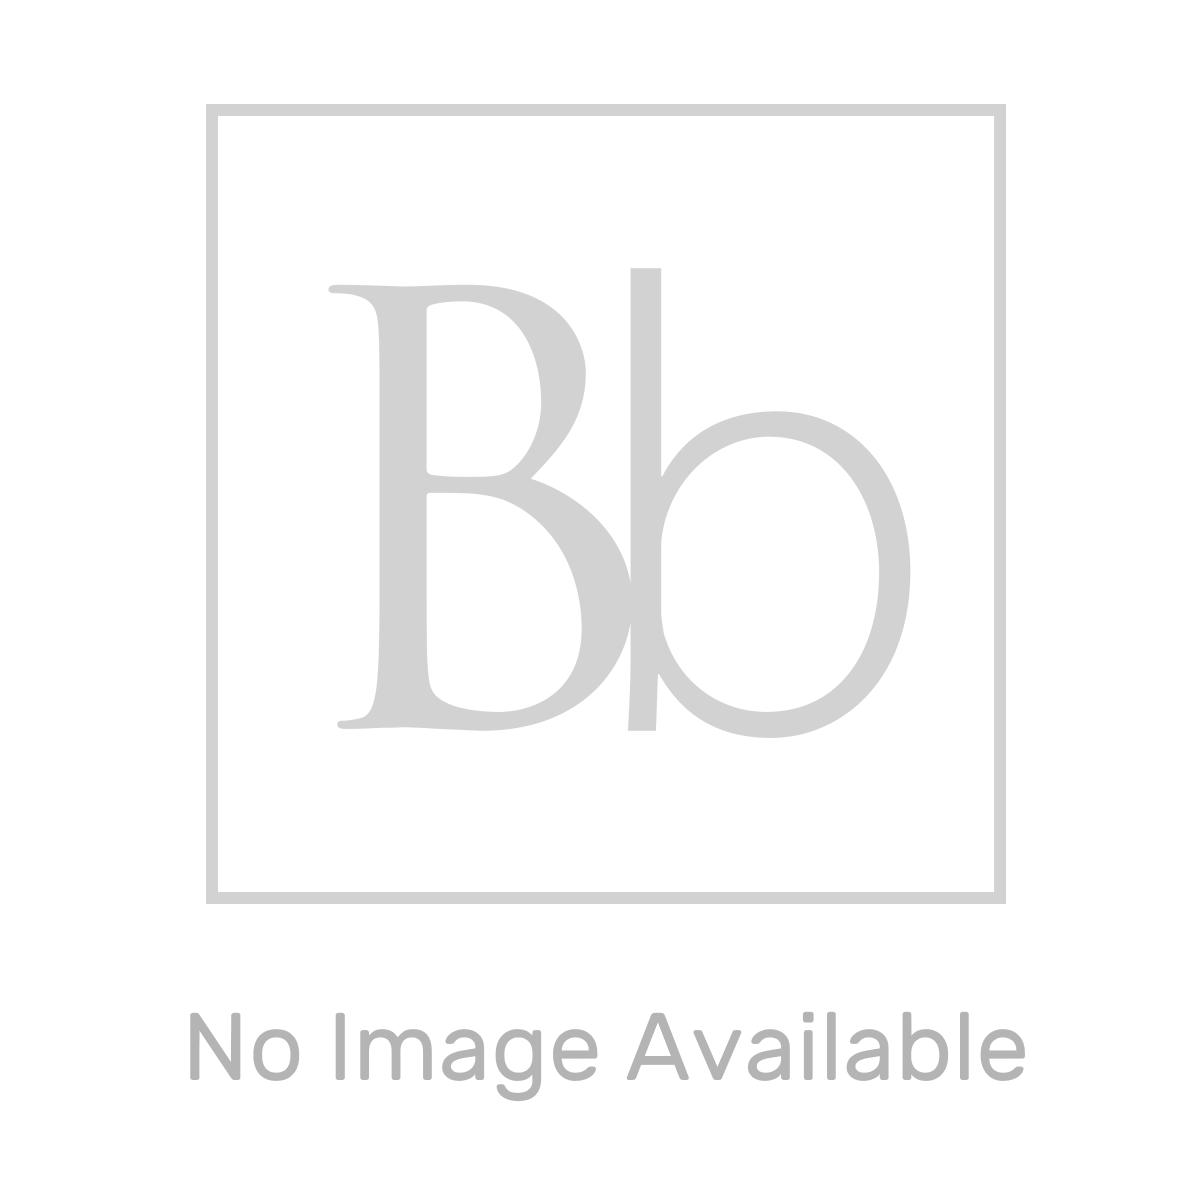 Homelux PVC Quadrant Edge 10mm Soft Cream Tile Trim 2.44m